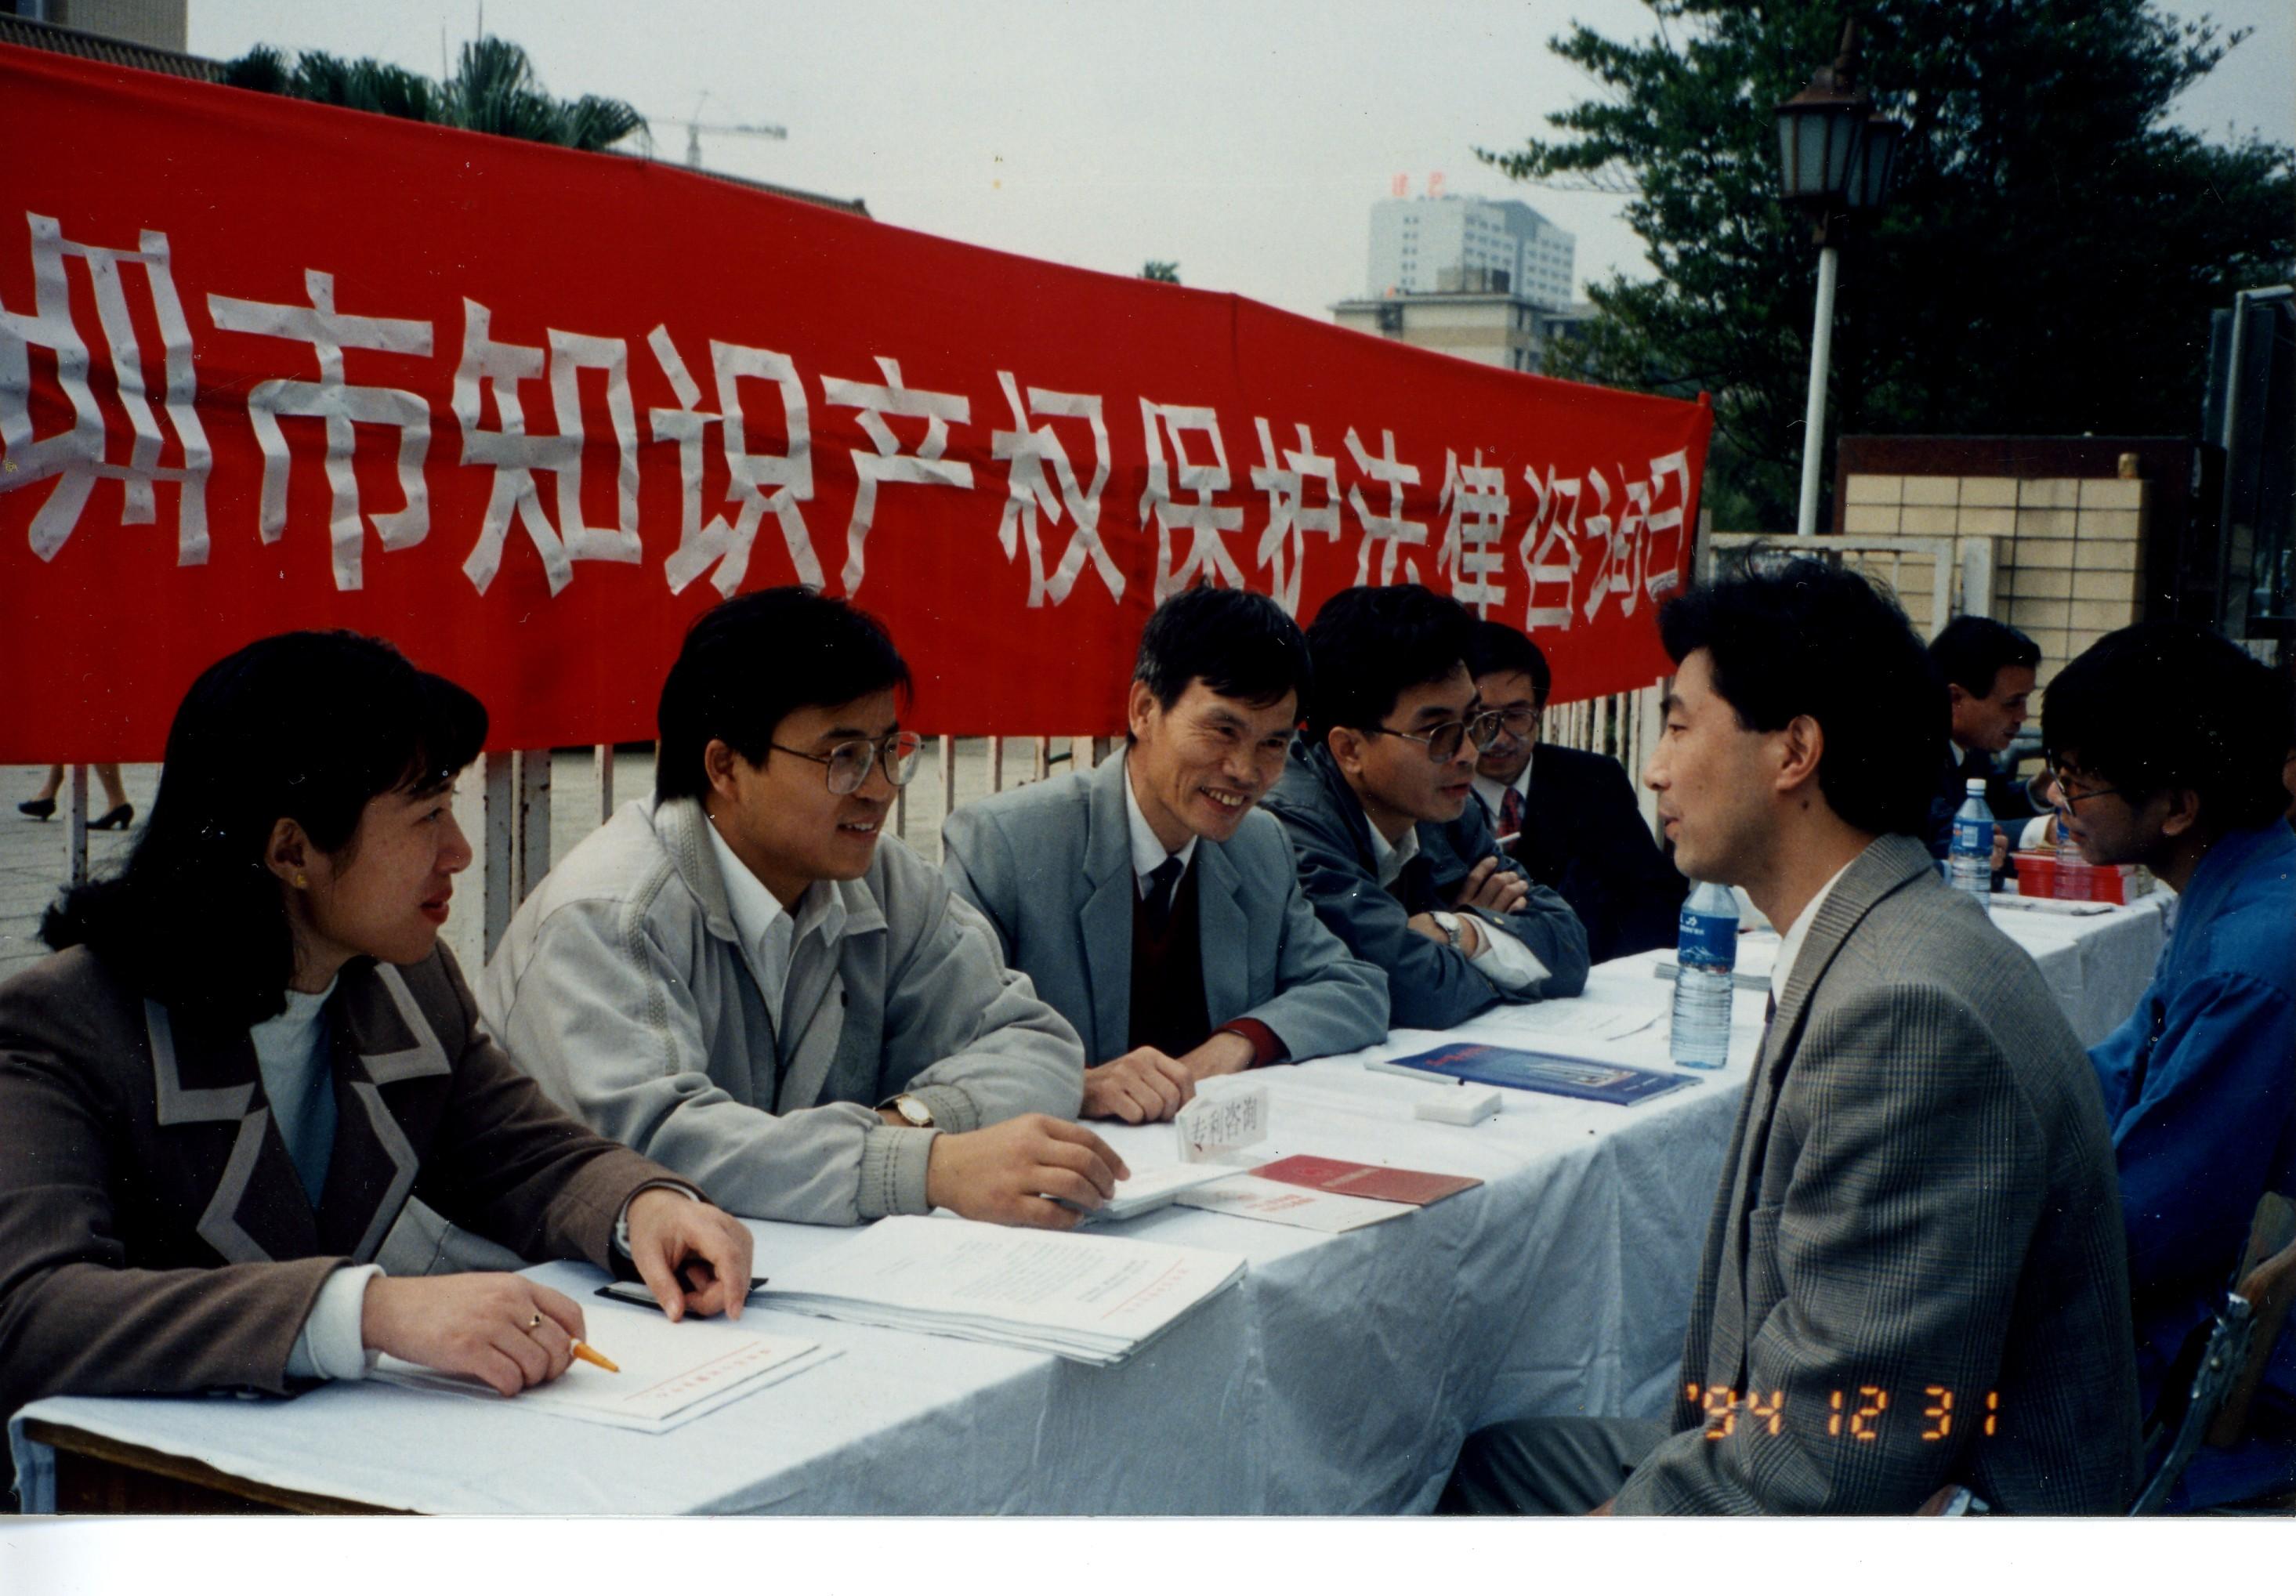 一九九四年举办深圳市知识产权保护法律咨询